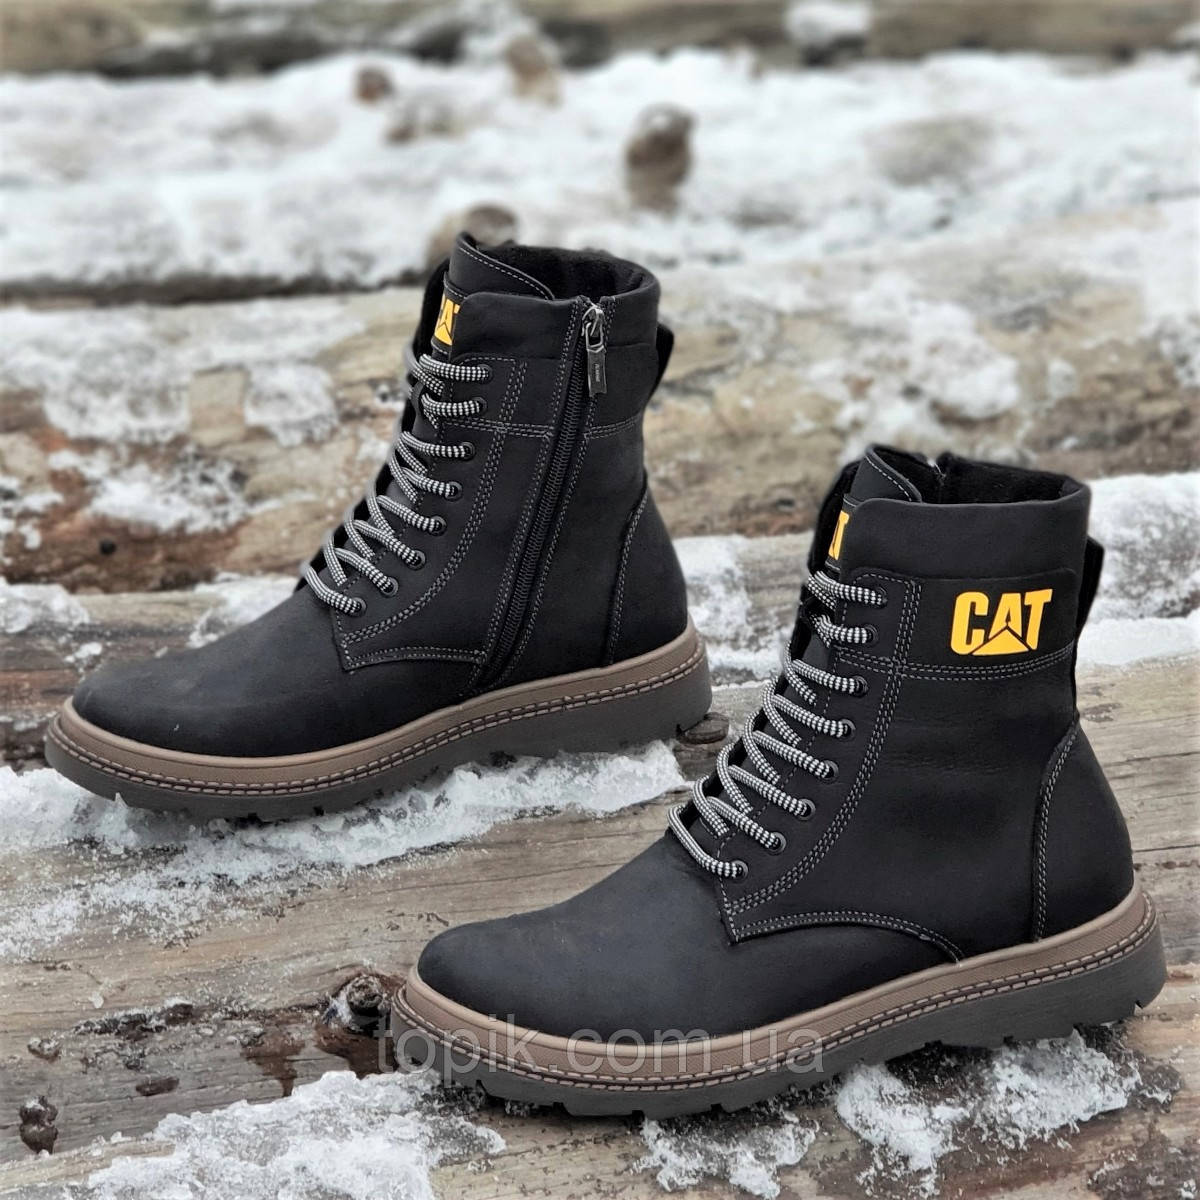 67b9538c Высокие мужские зимние ботинки CAT (Caterpillar) реплика кожаные черные на  натуральном меху (Код